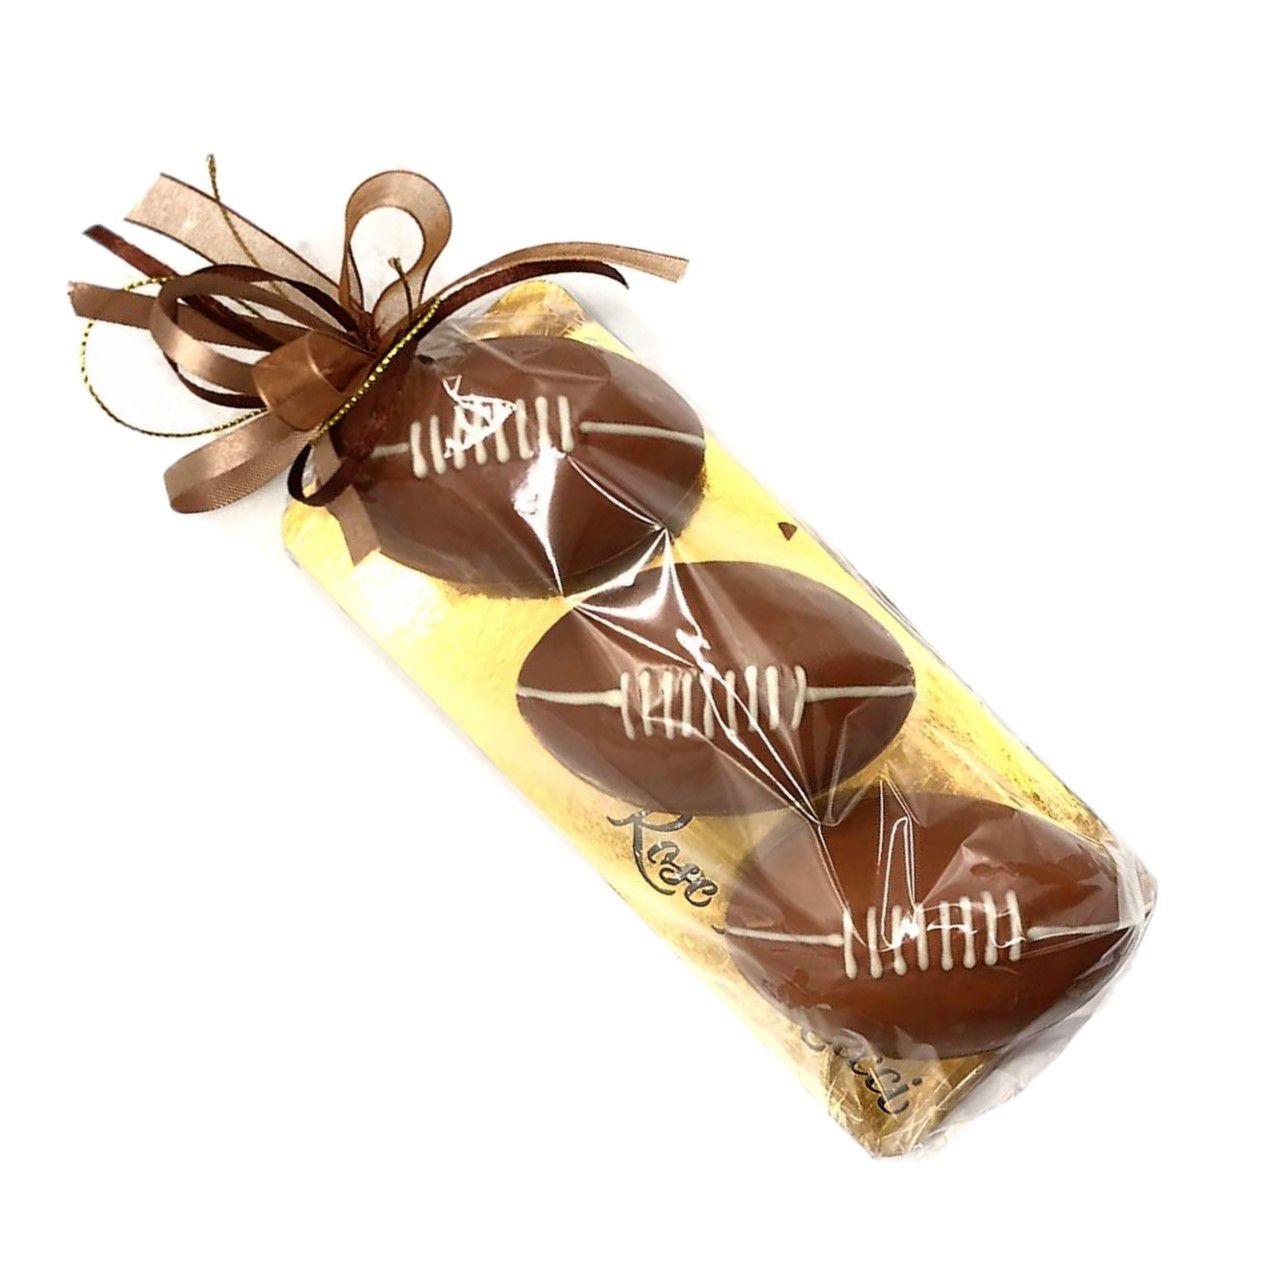 Bolas de futebol americano de chocolate ao leite